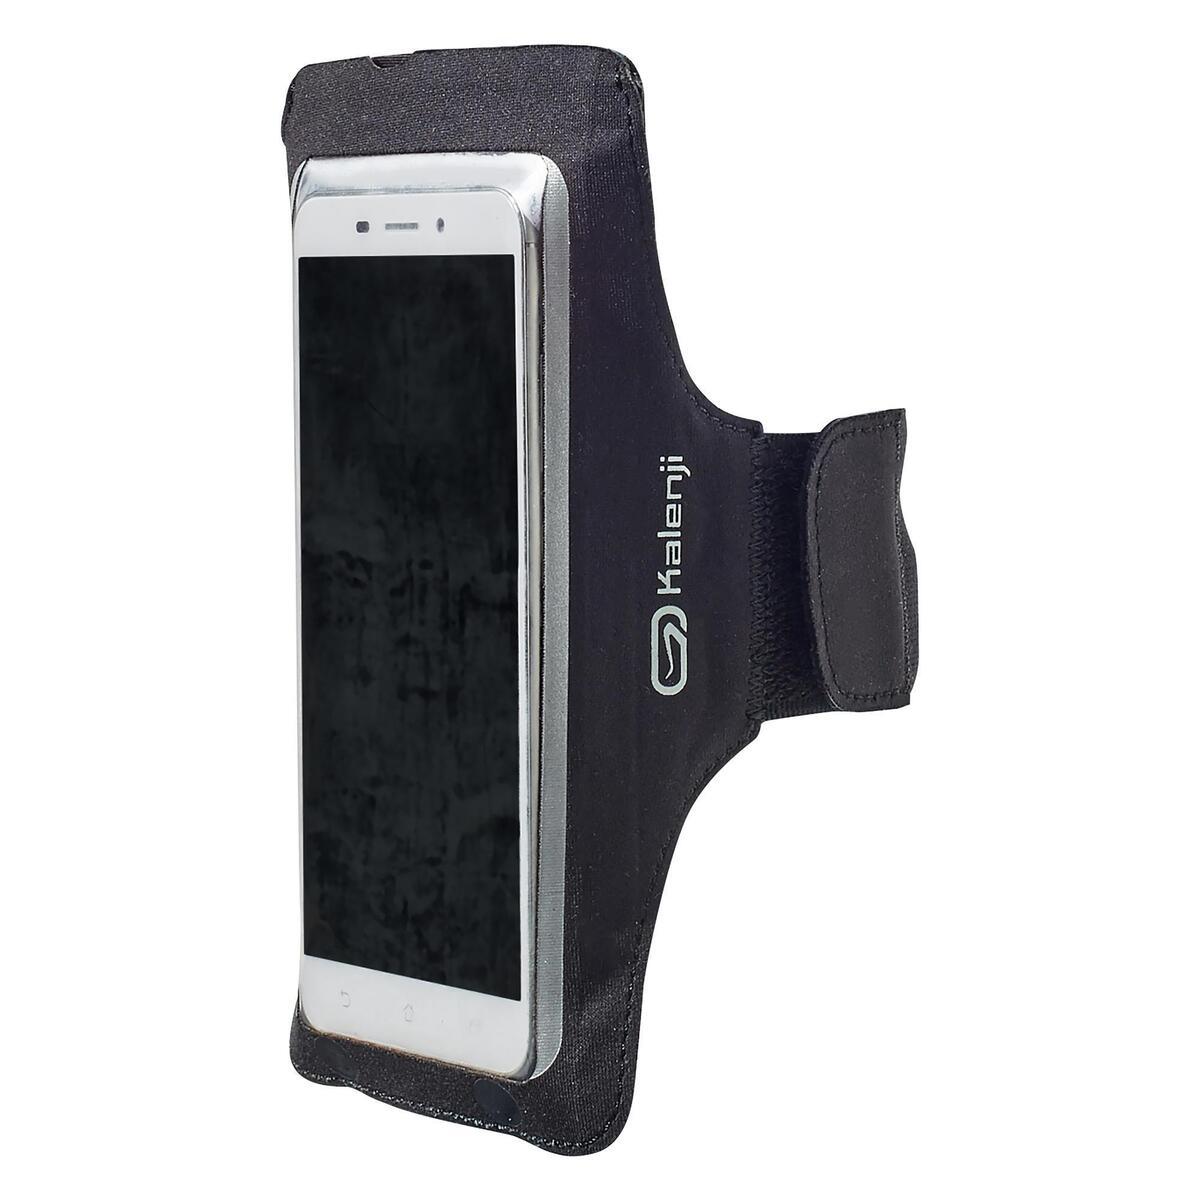 Bild 1 von Laufarmband für Smartphones groß schwarz